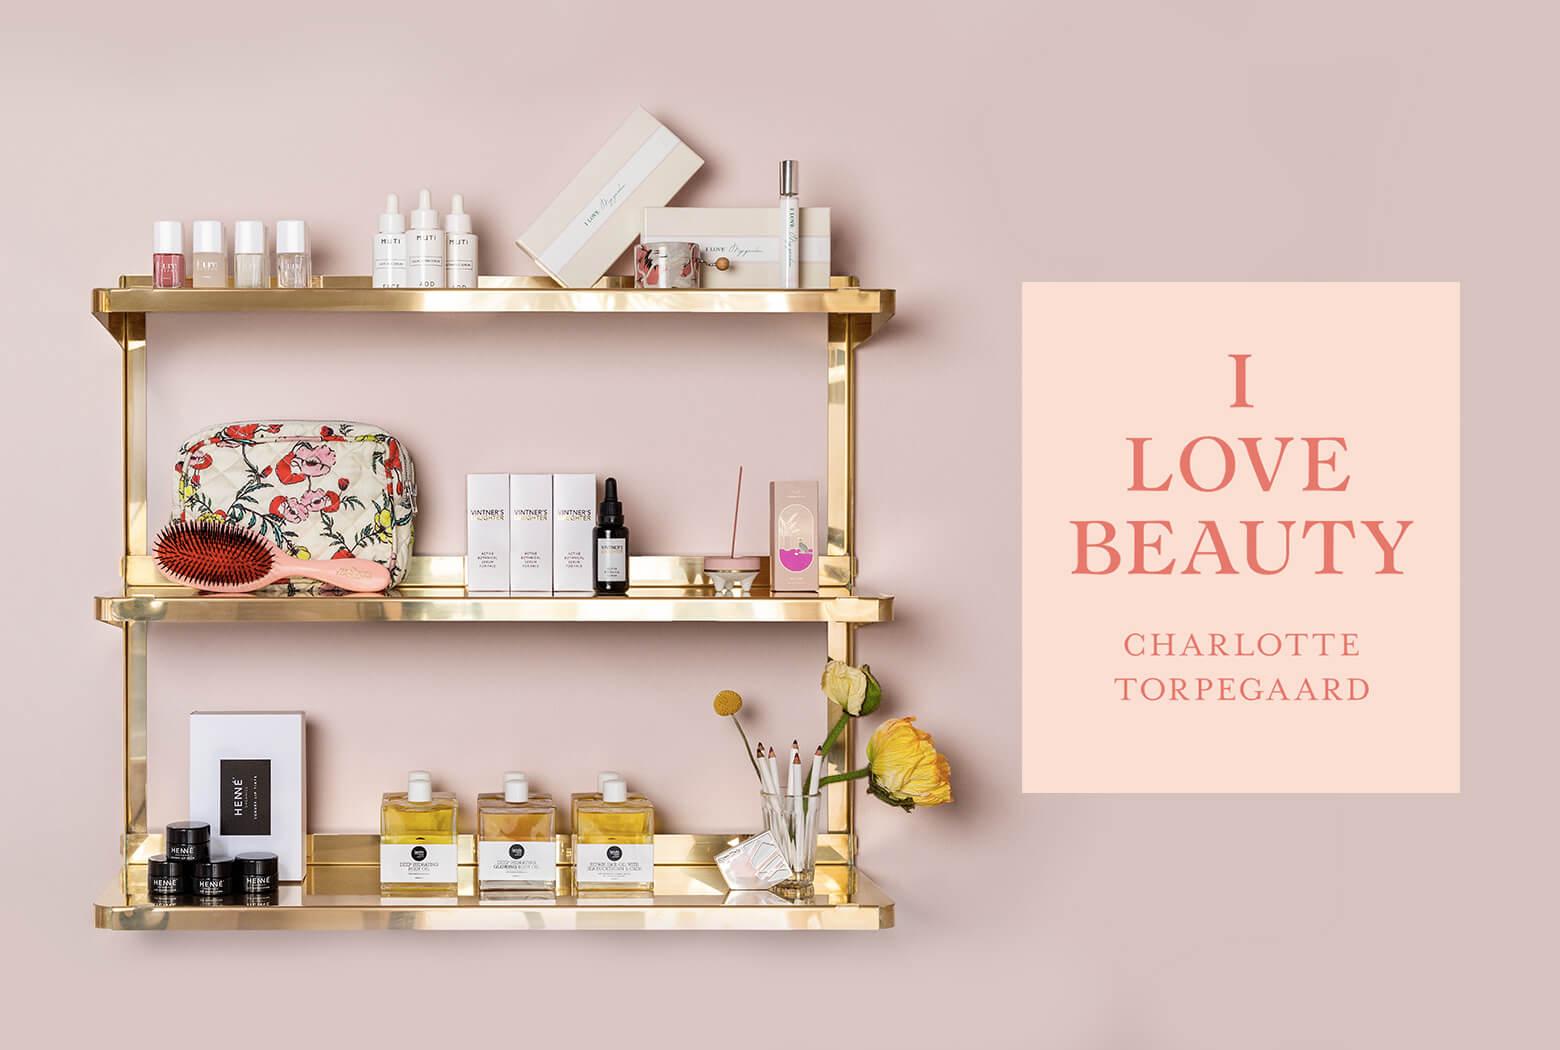 Chanel Lucia Pica inspiration